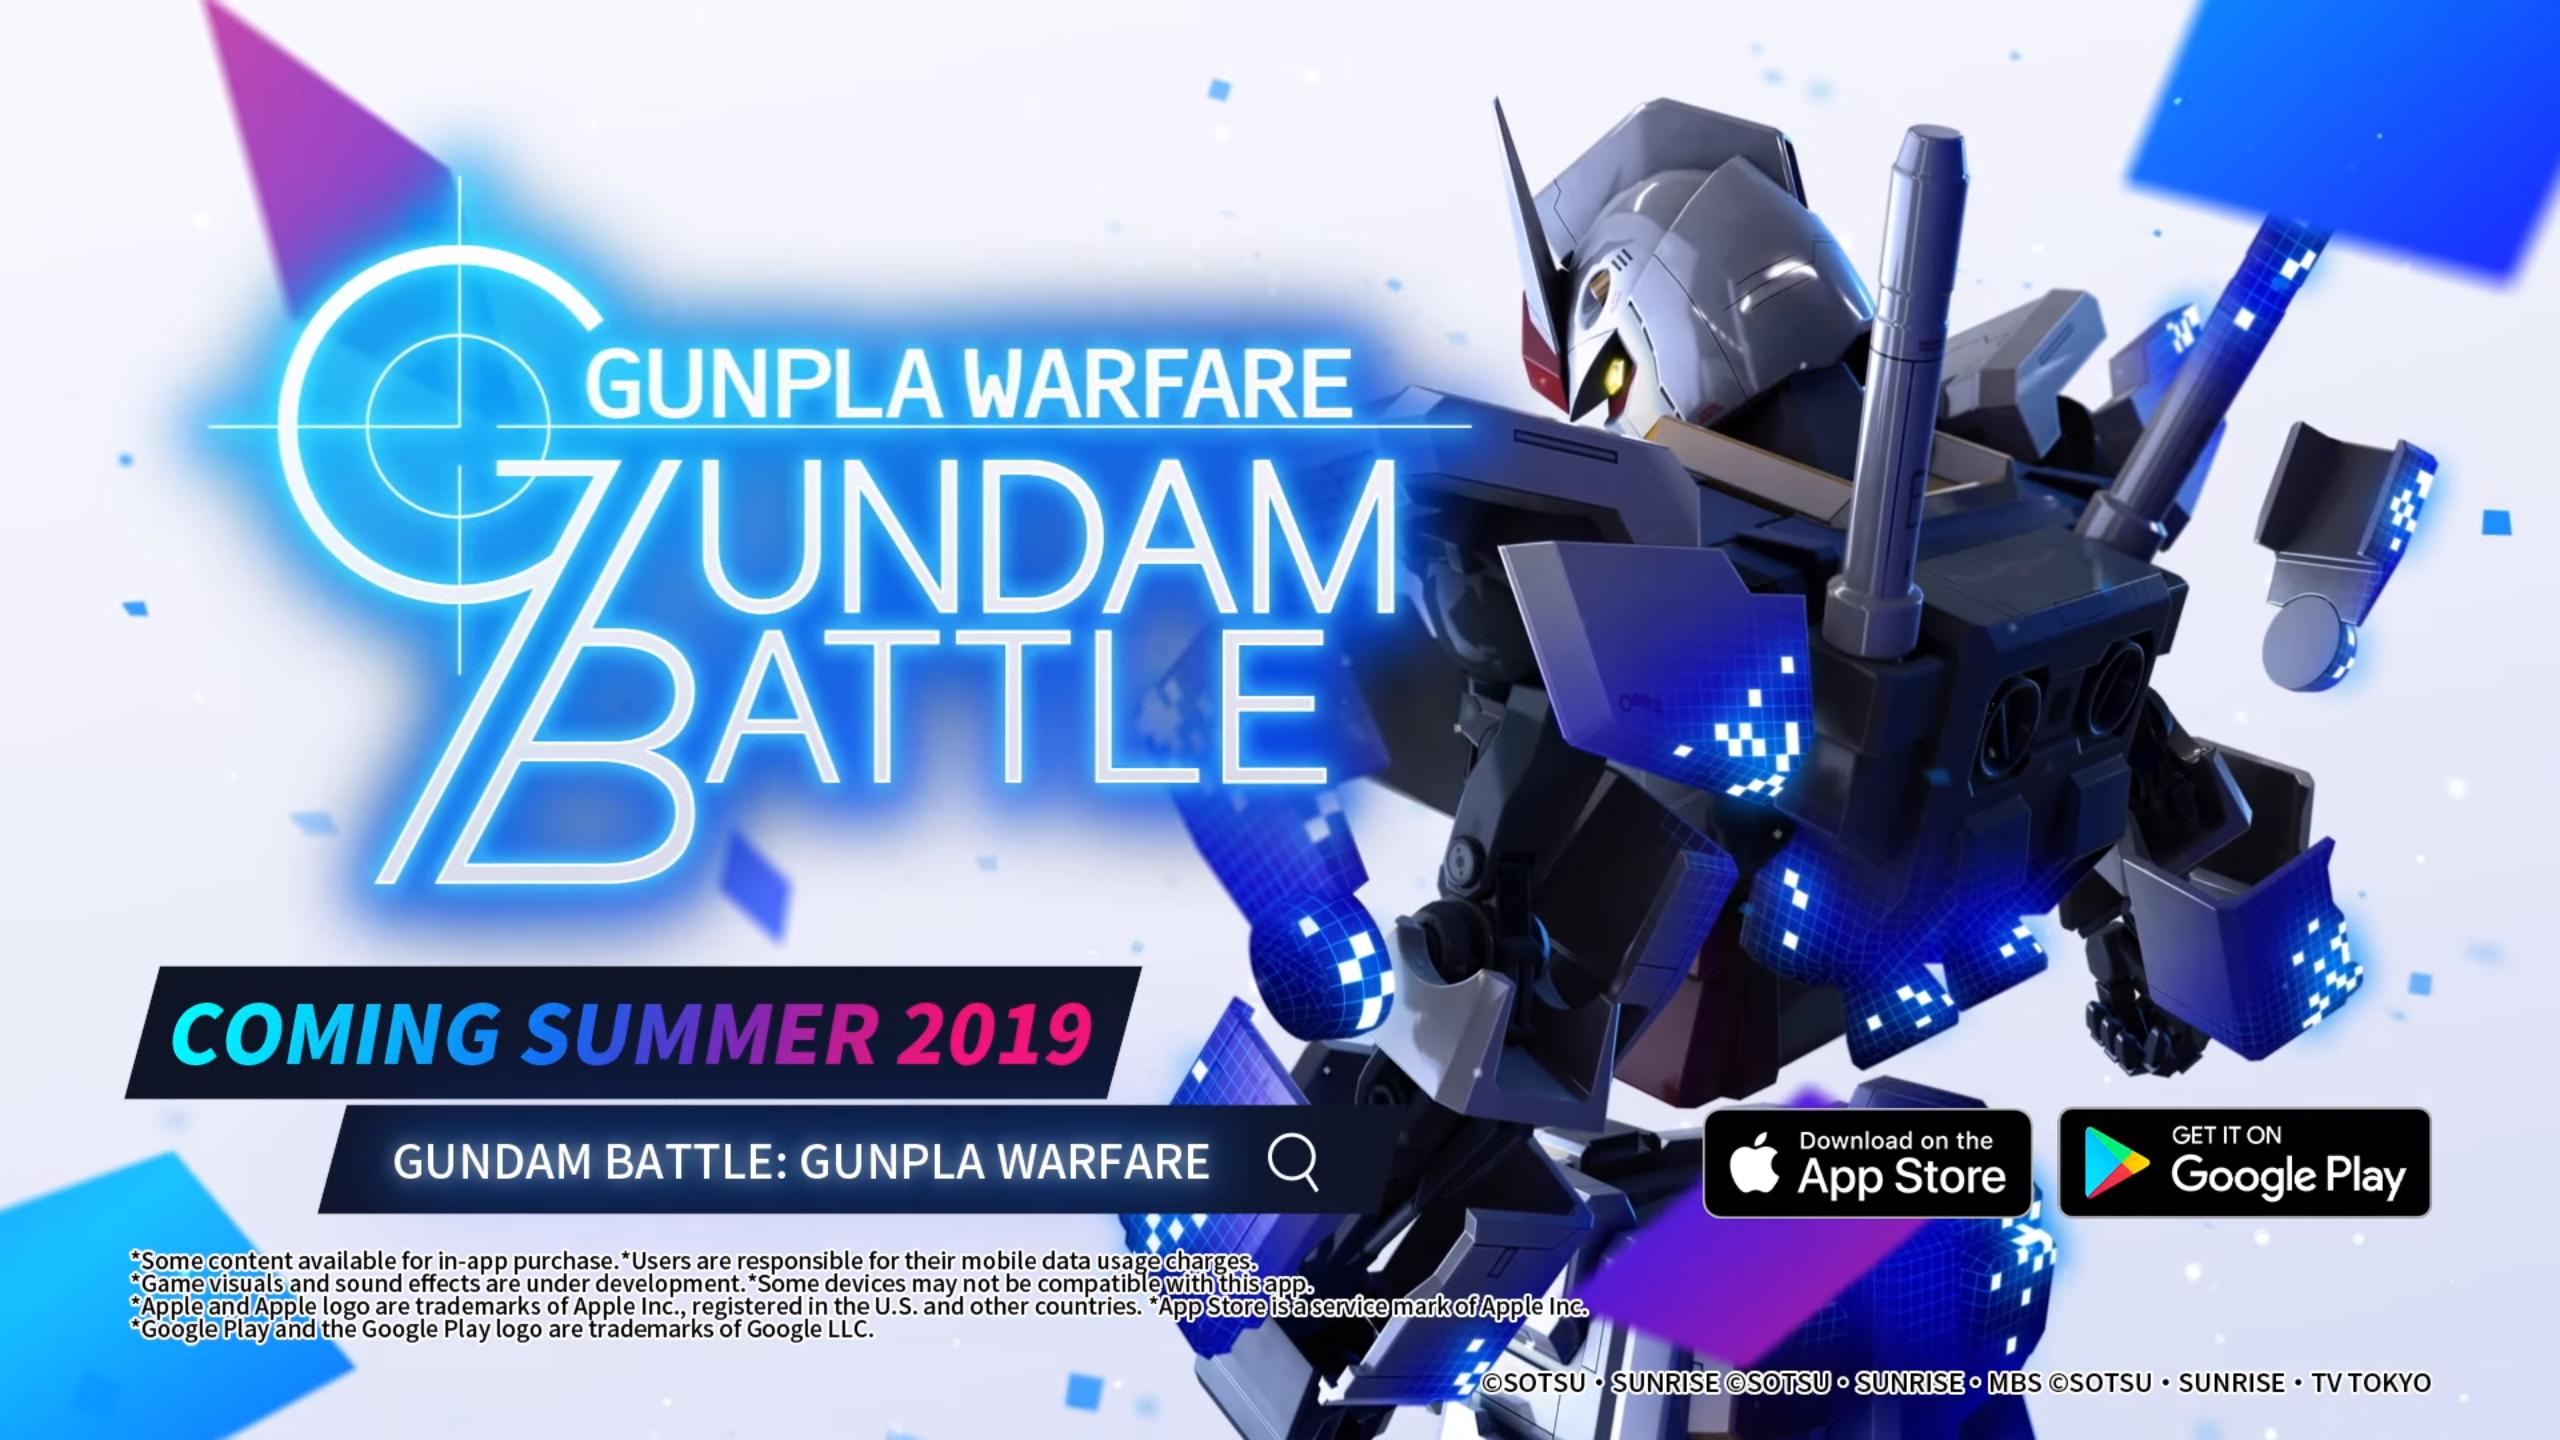 رسميًا لعبة Gundam Battle: Gunpla Warfare متاحة على أندرويد و iOS